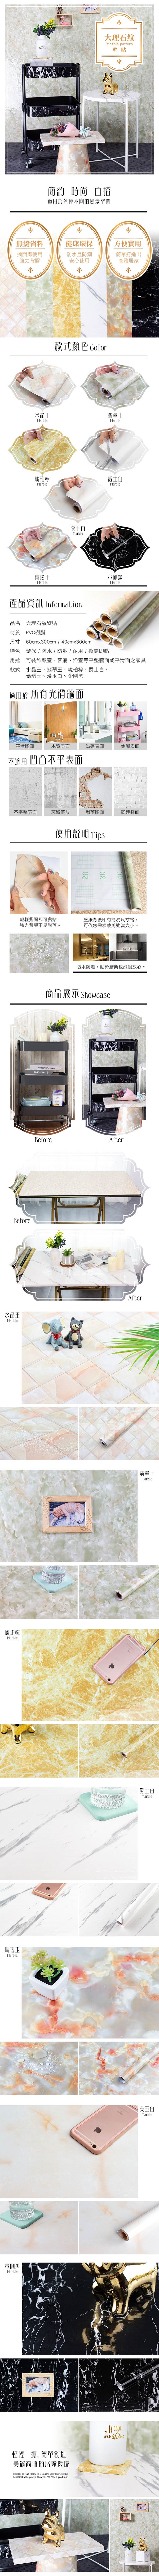 裝潢壁貼、壁貼、裝修、翻新、自黏壁紙、自黏壁貼、大理石紋貼